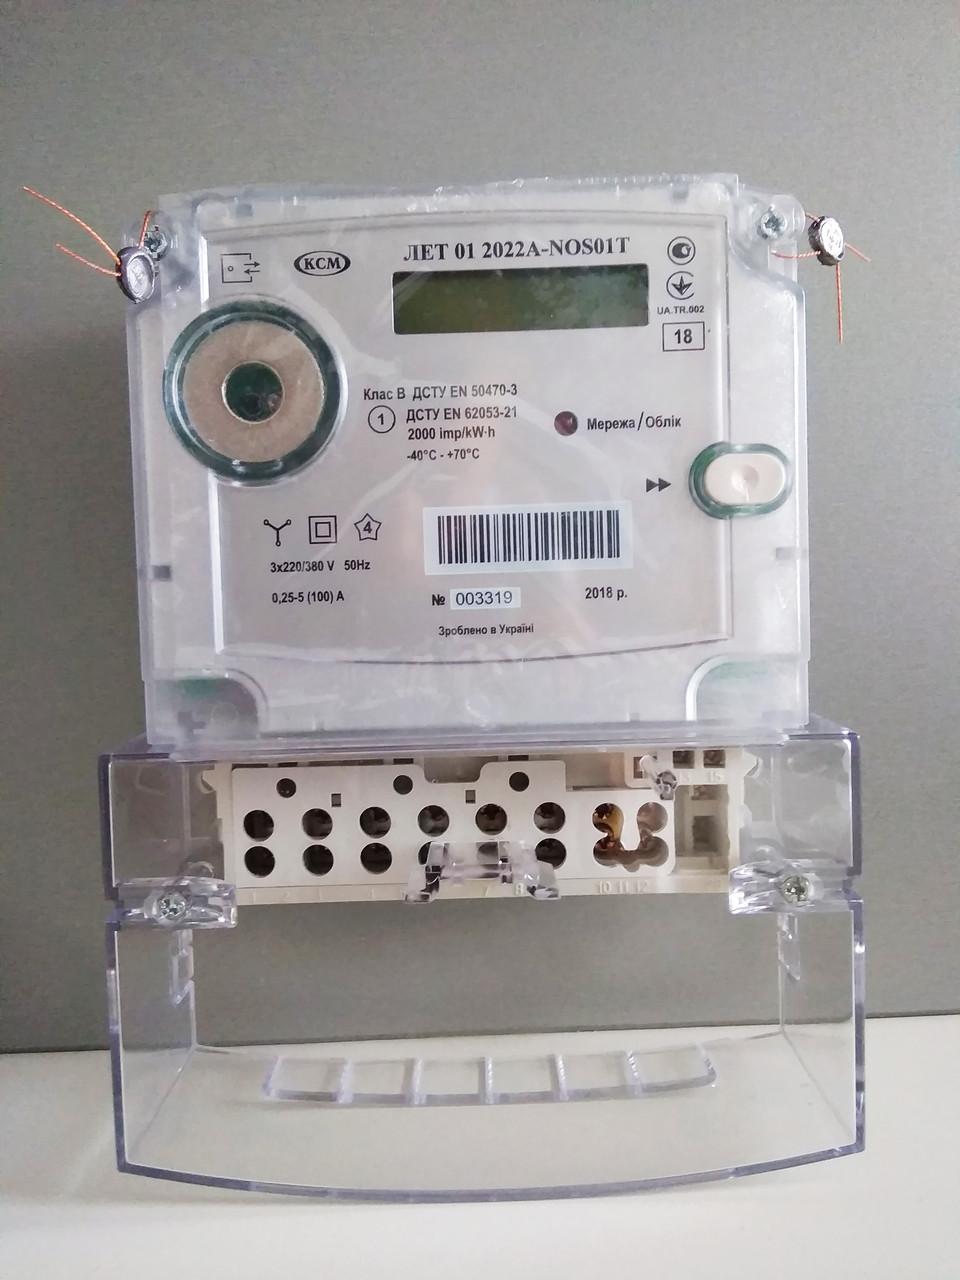 Лічильник електричної енергії РОКІВ 01 2022A-NOS01T 5(100A) трифазний багатотарифний